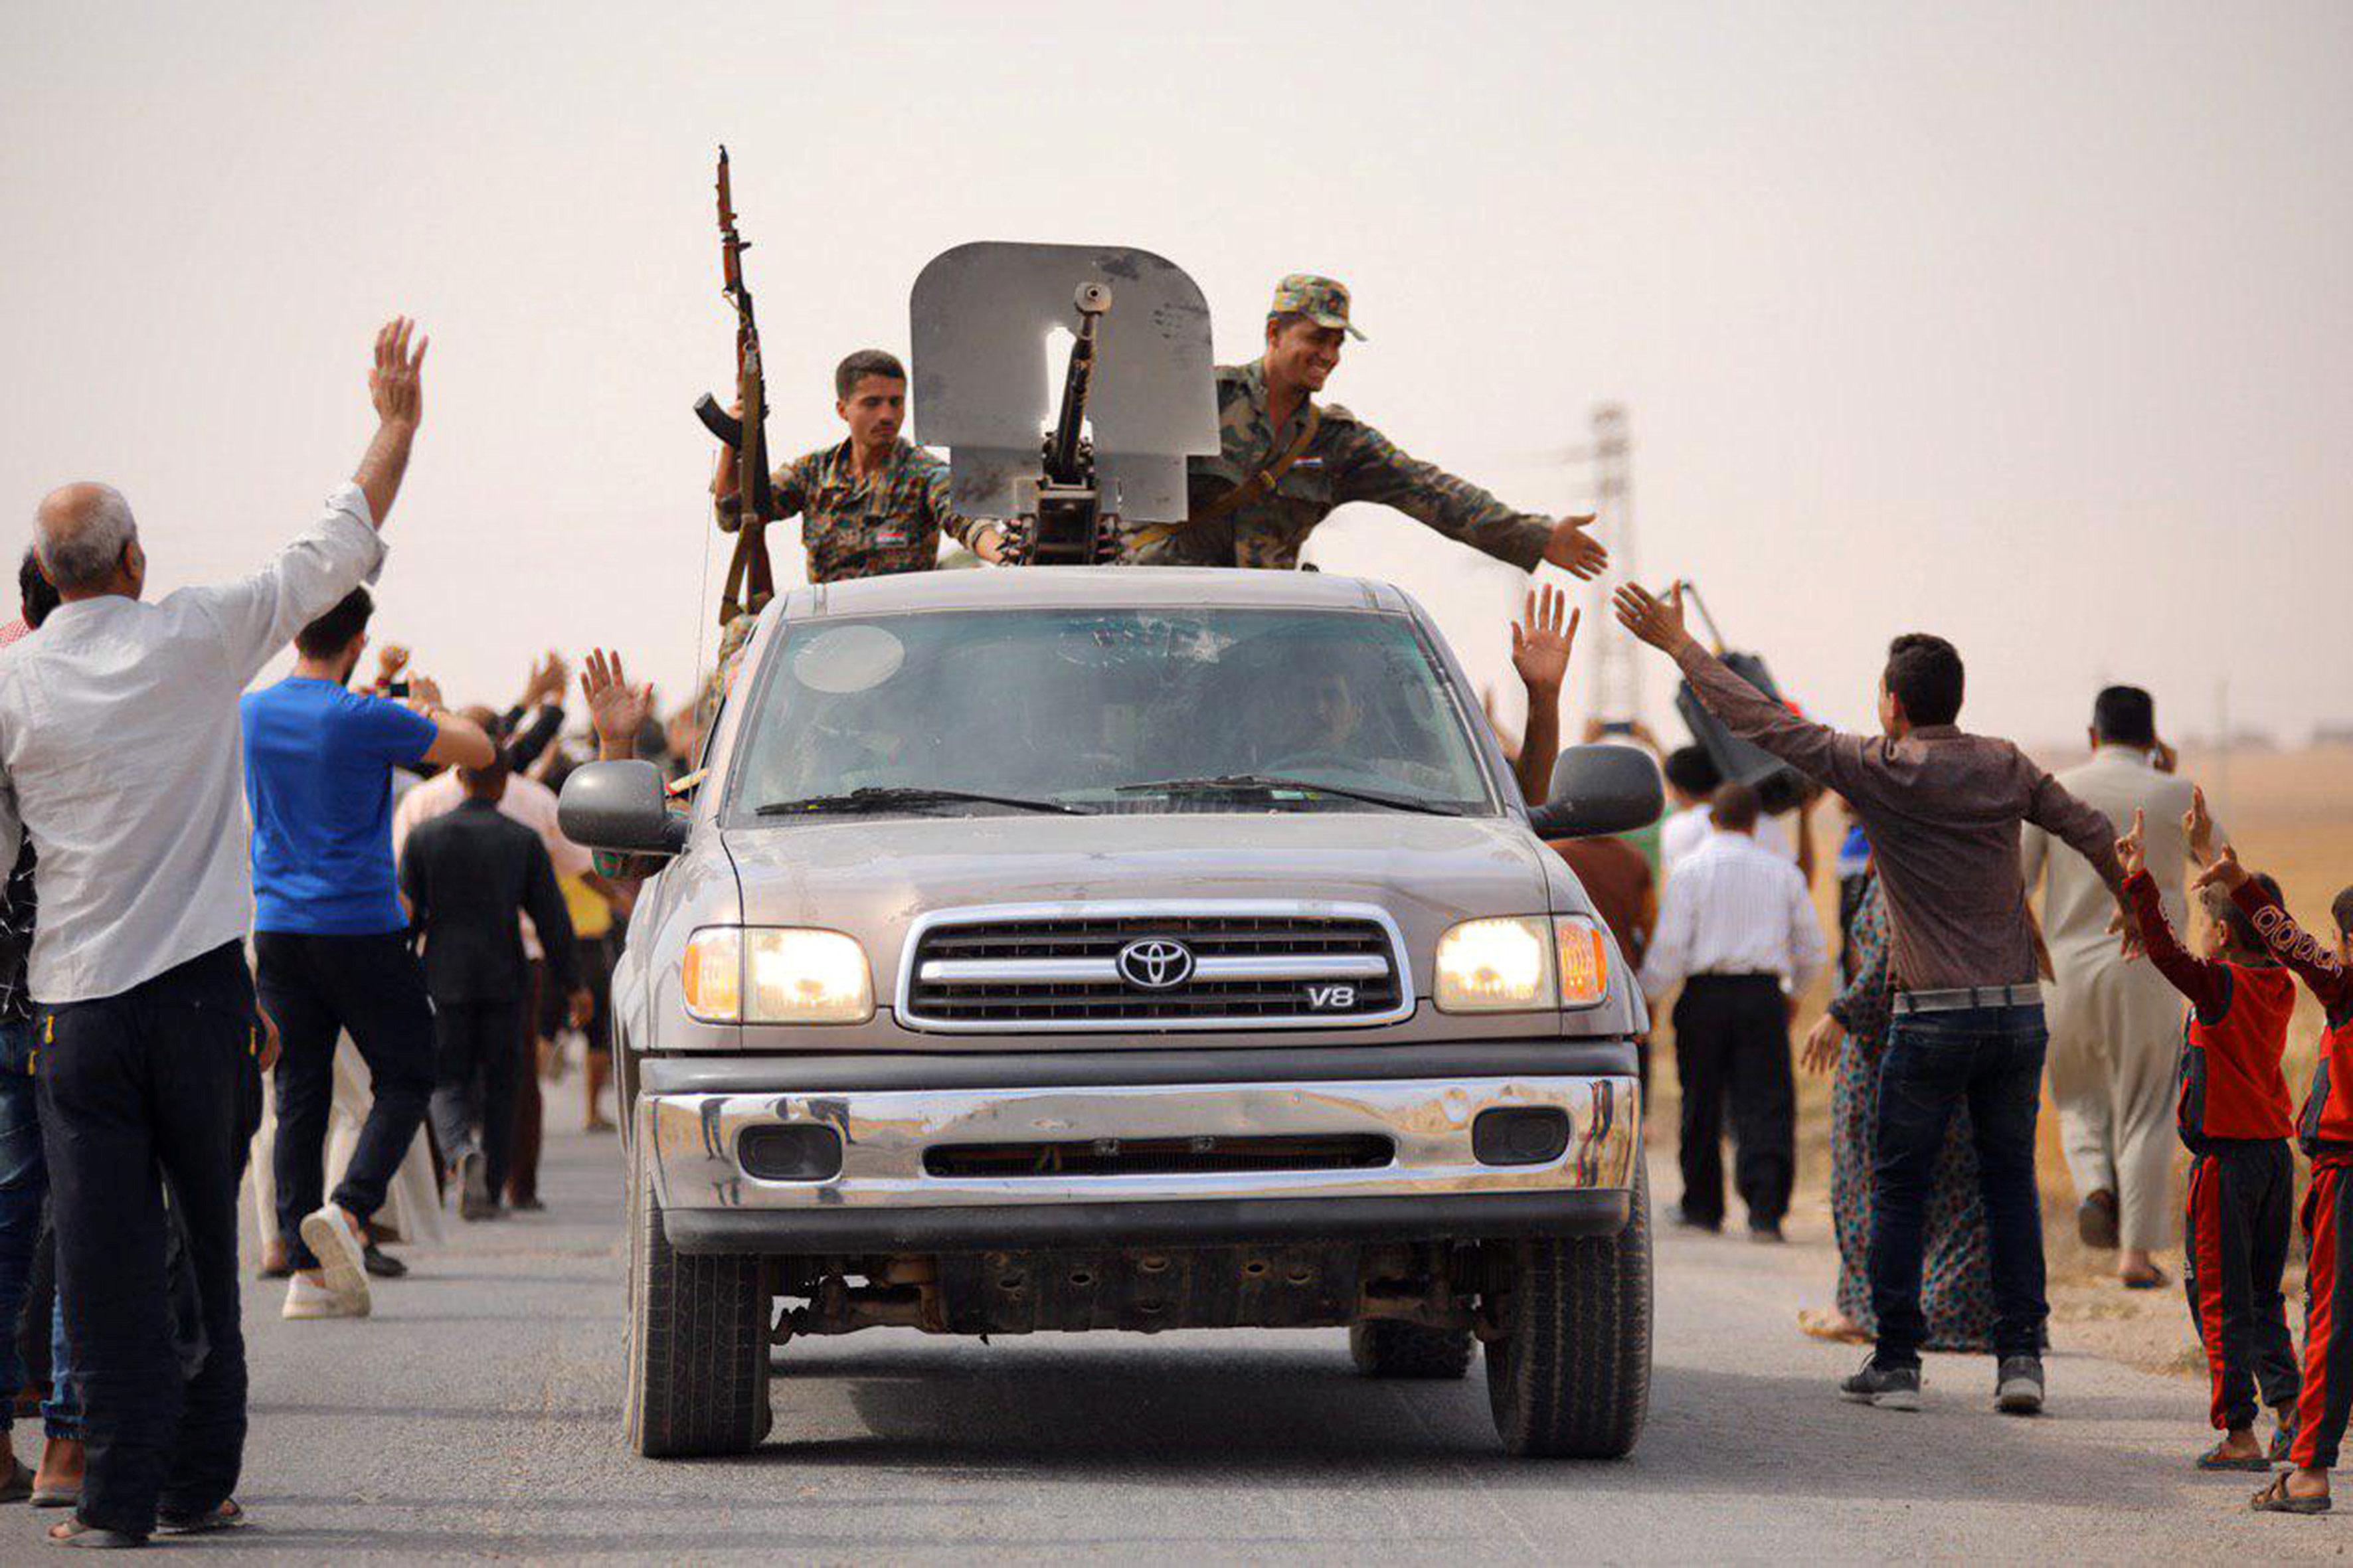 חיילי צבא אסד בצפון סוריה. צילום: רויטרס